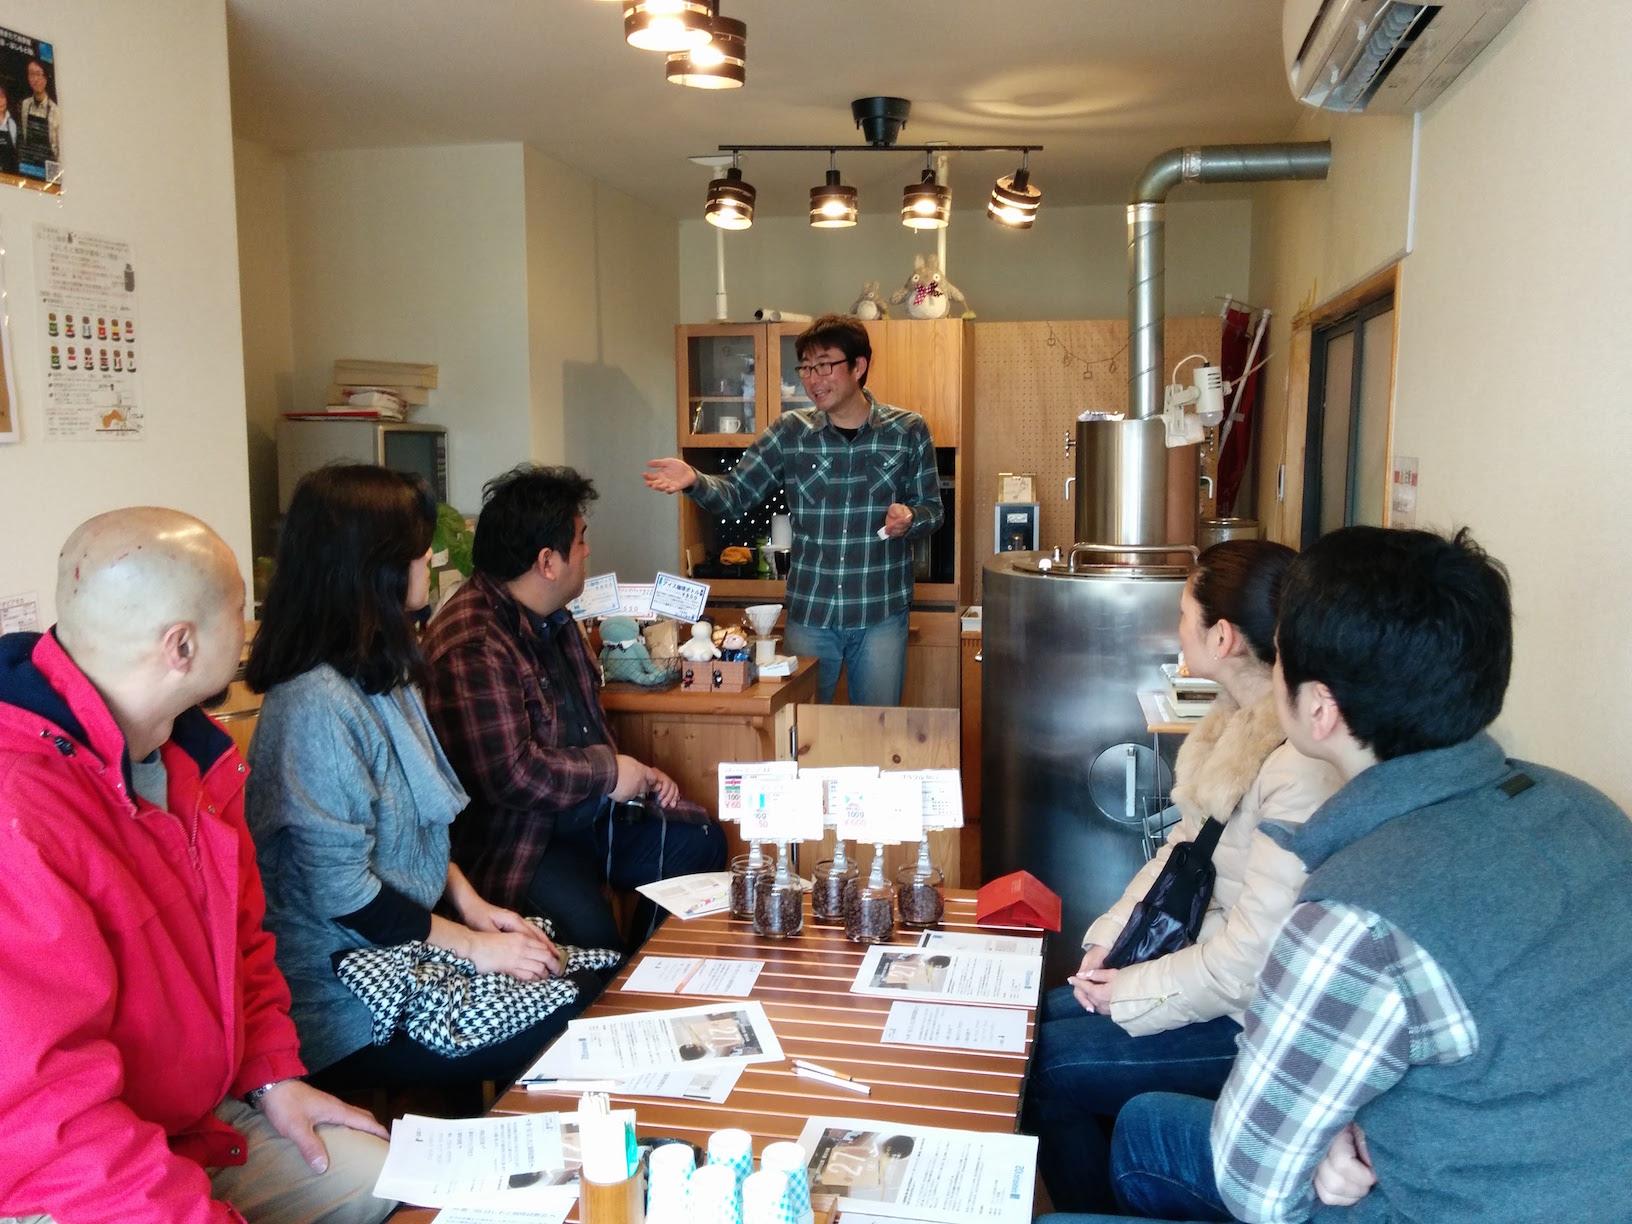 イベントレポート:珈琲テイスティングの会「コーヒーを飲みながら世界をぐる〜り!」(3月27日実施)